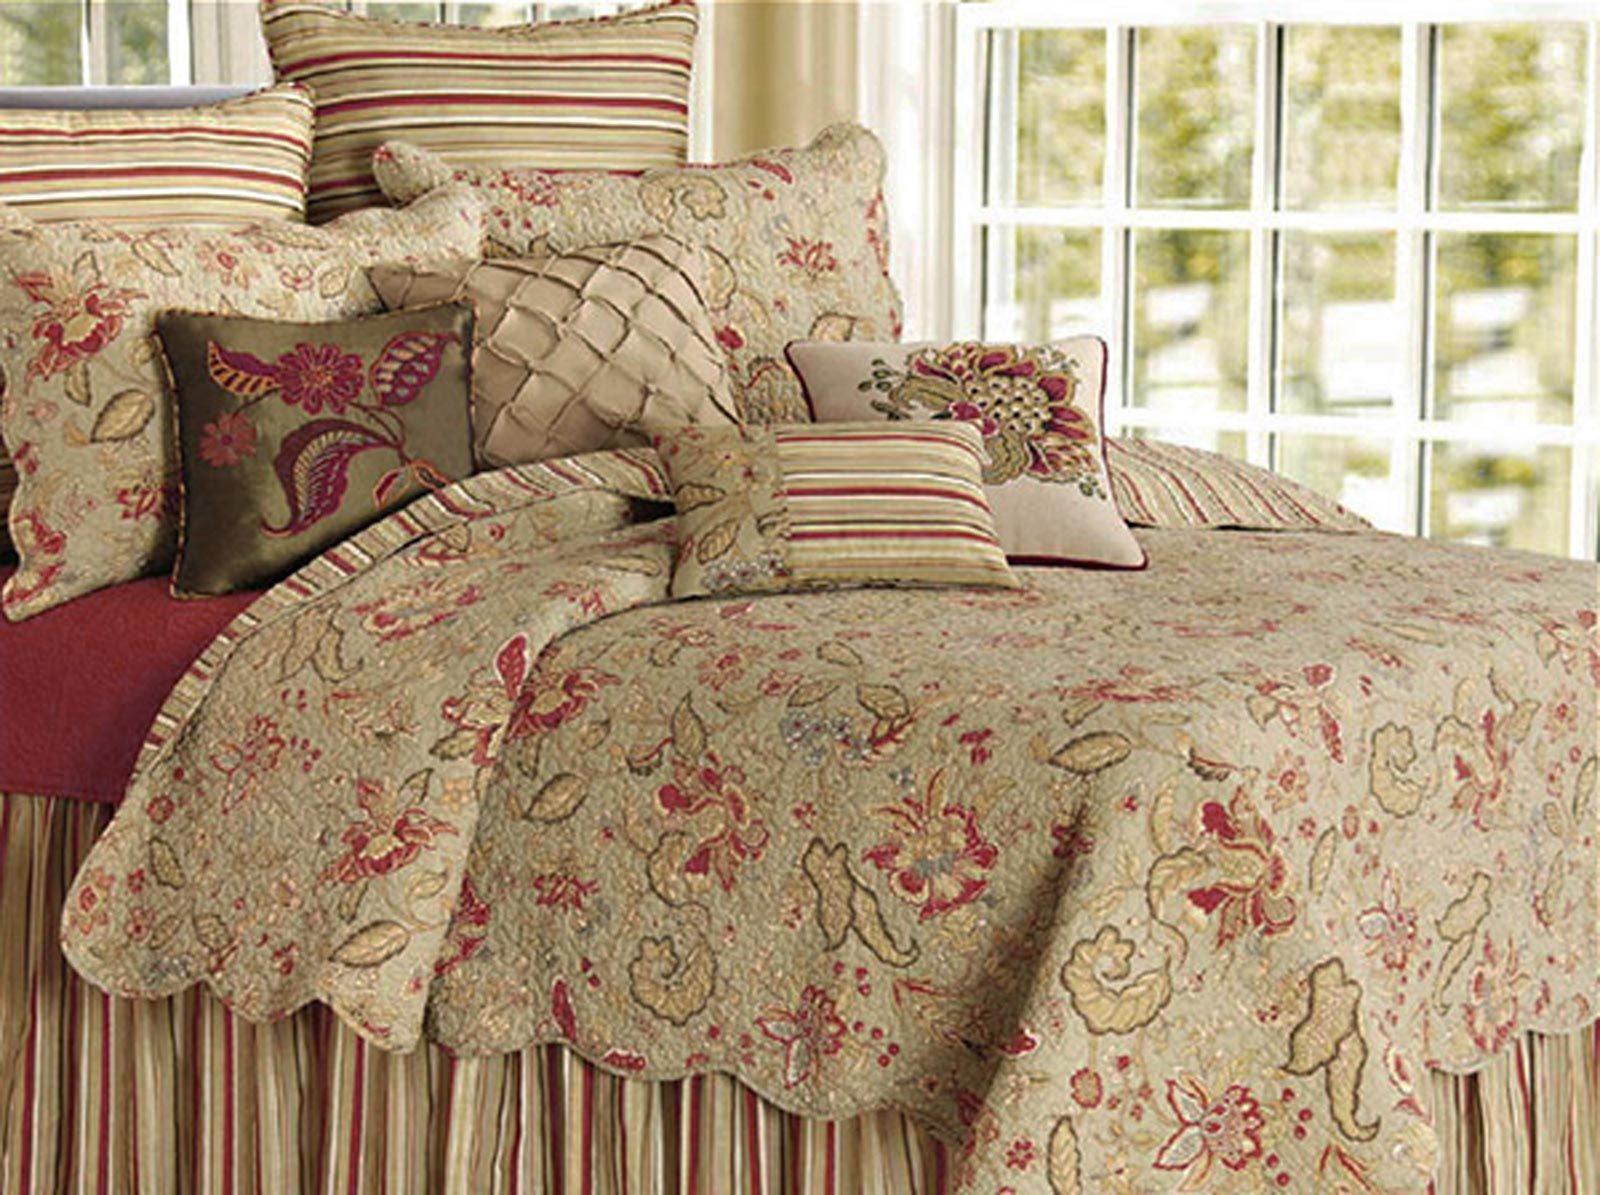 quilts comforter quilt cute lodge amazing ecrins sets paisley